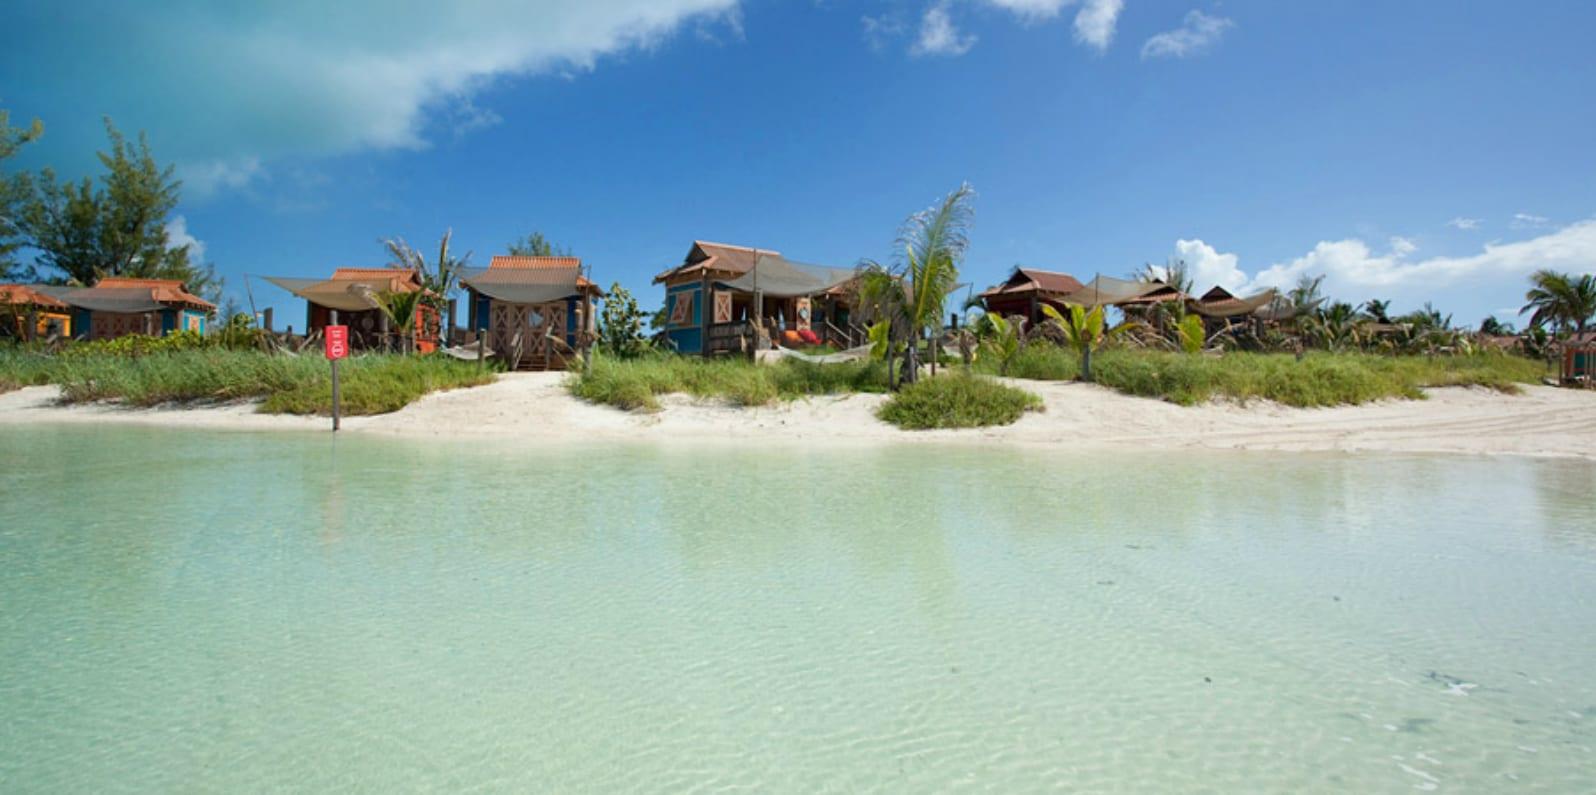 Castway Cay, l'île privée de Disney Cruise Line